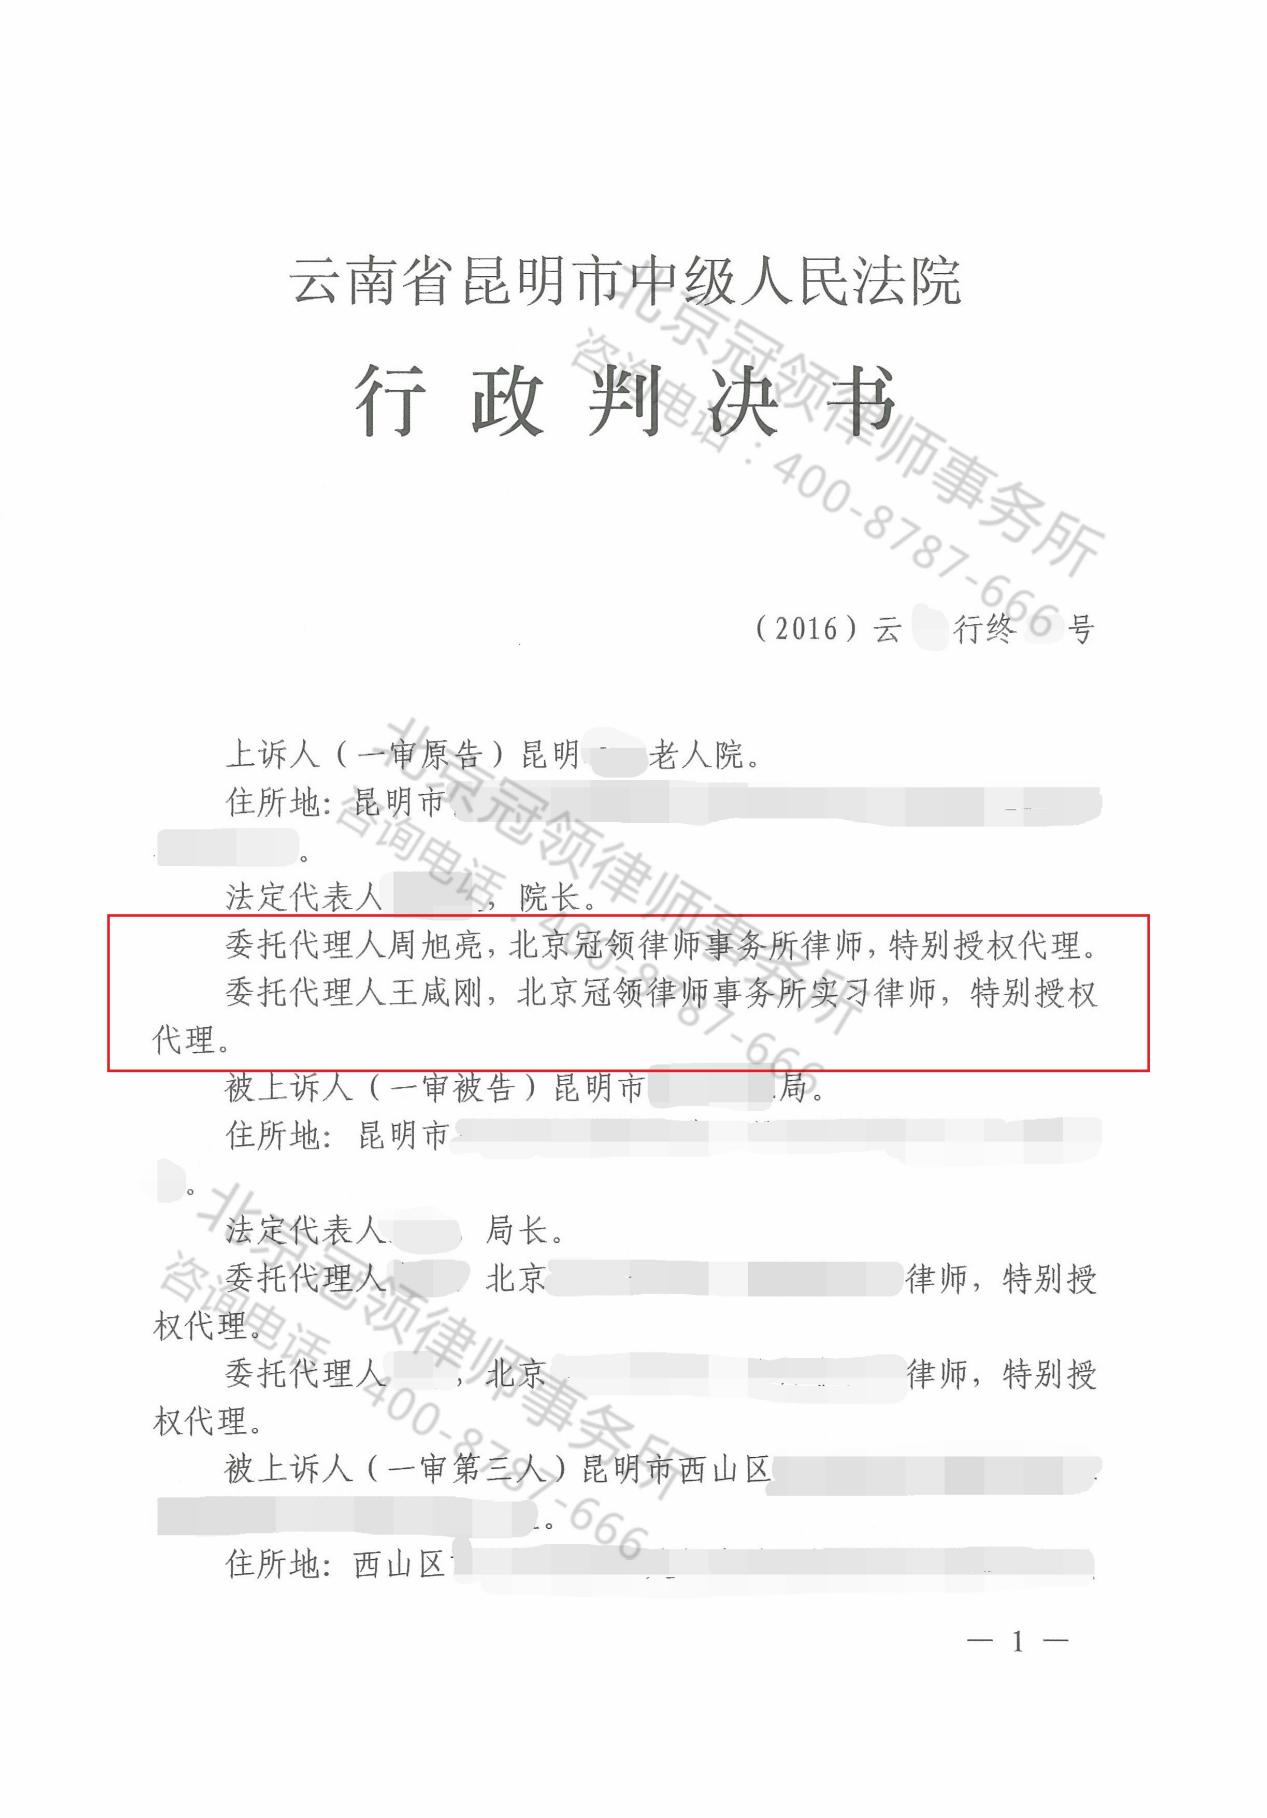 云南昆明拆迁律师;某老人院请求确认行政部门公告违法案二审胜诉